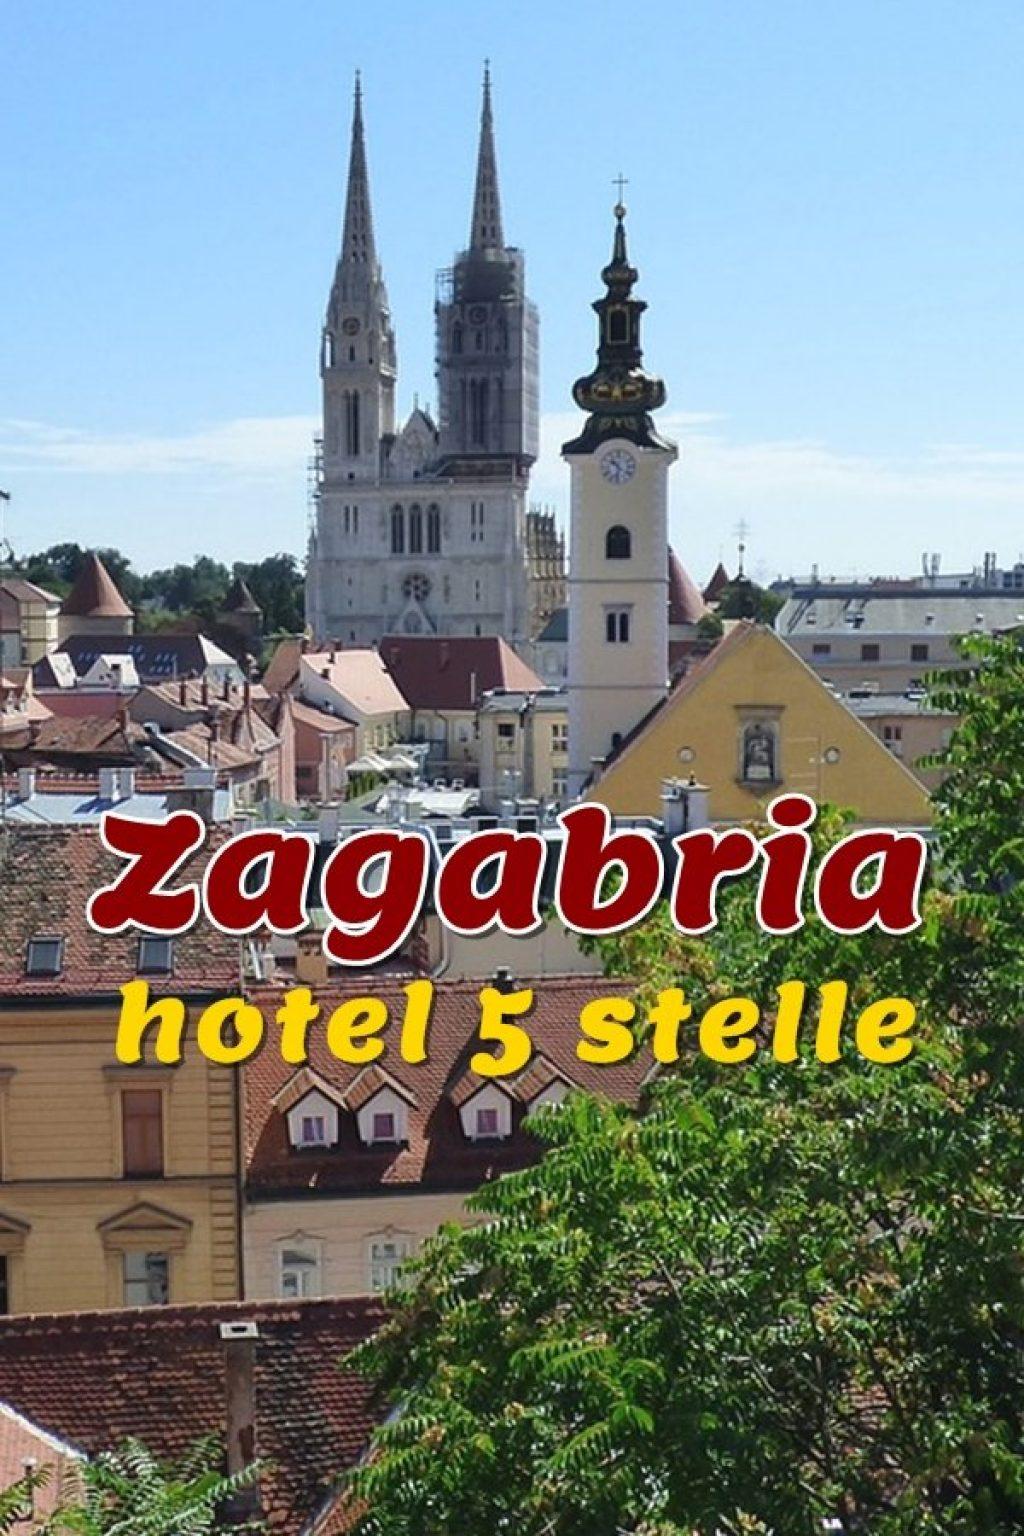 Hotel Zagabria 5 stelle. Capitale della Croazia è una città ricca di storia che offre molte opportunità culturali